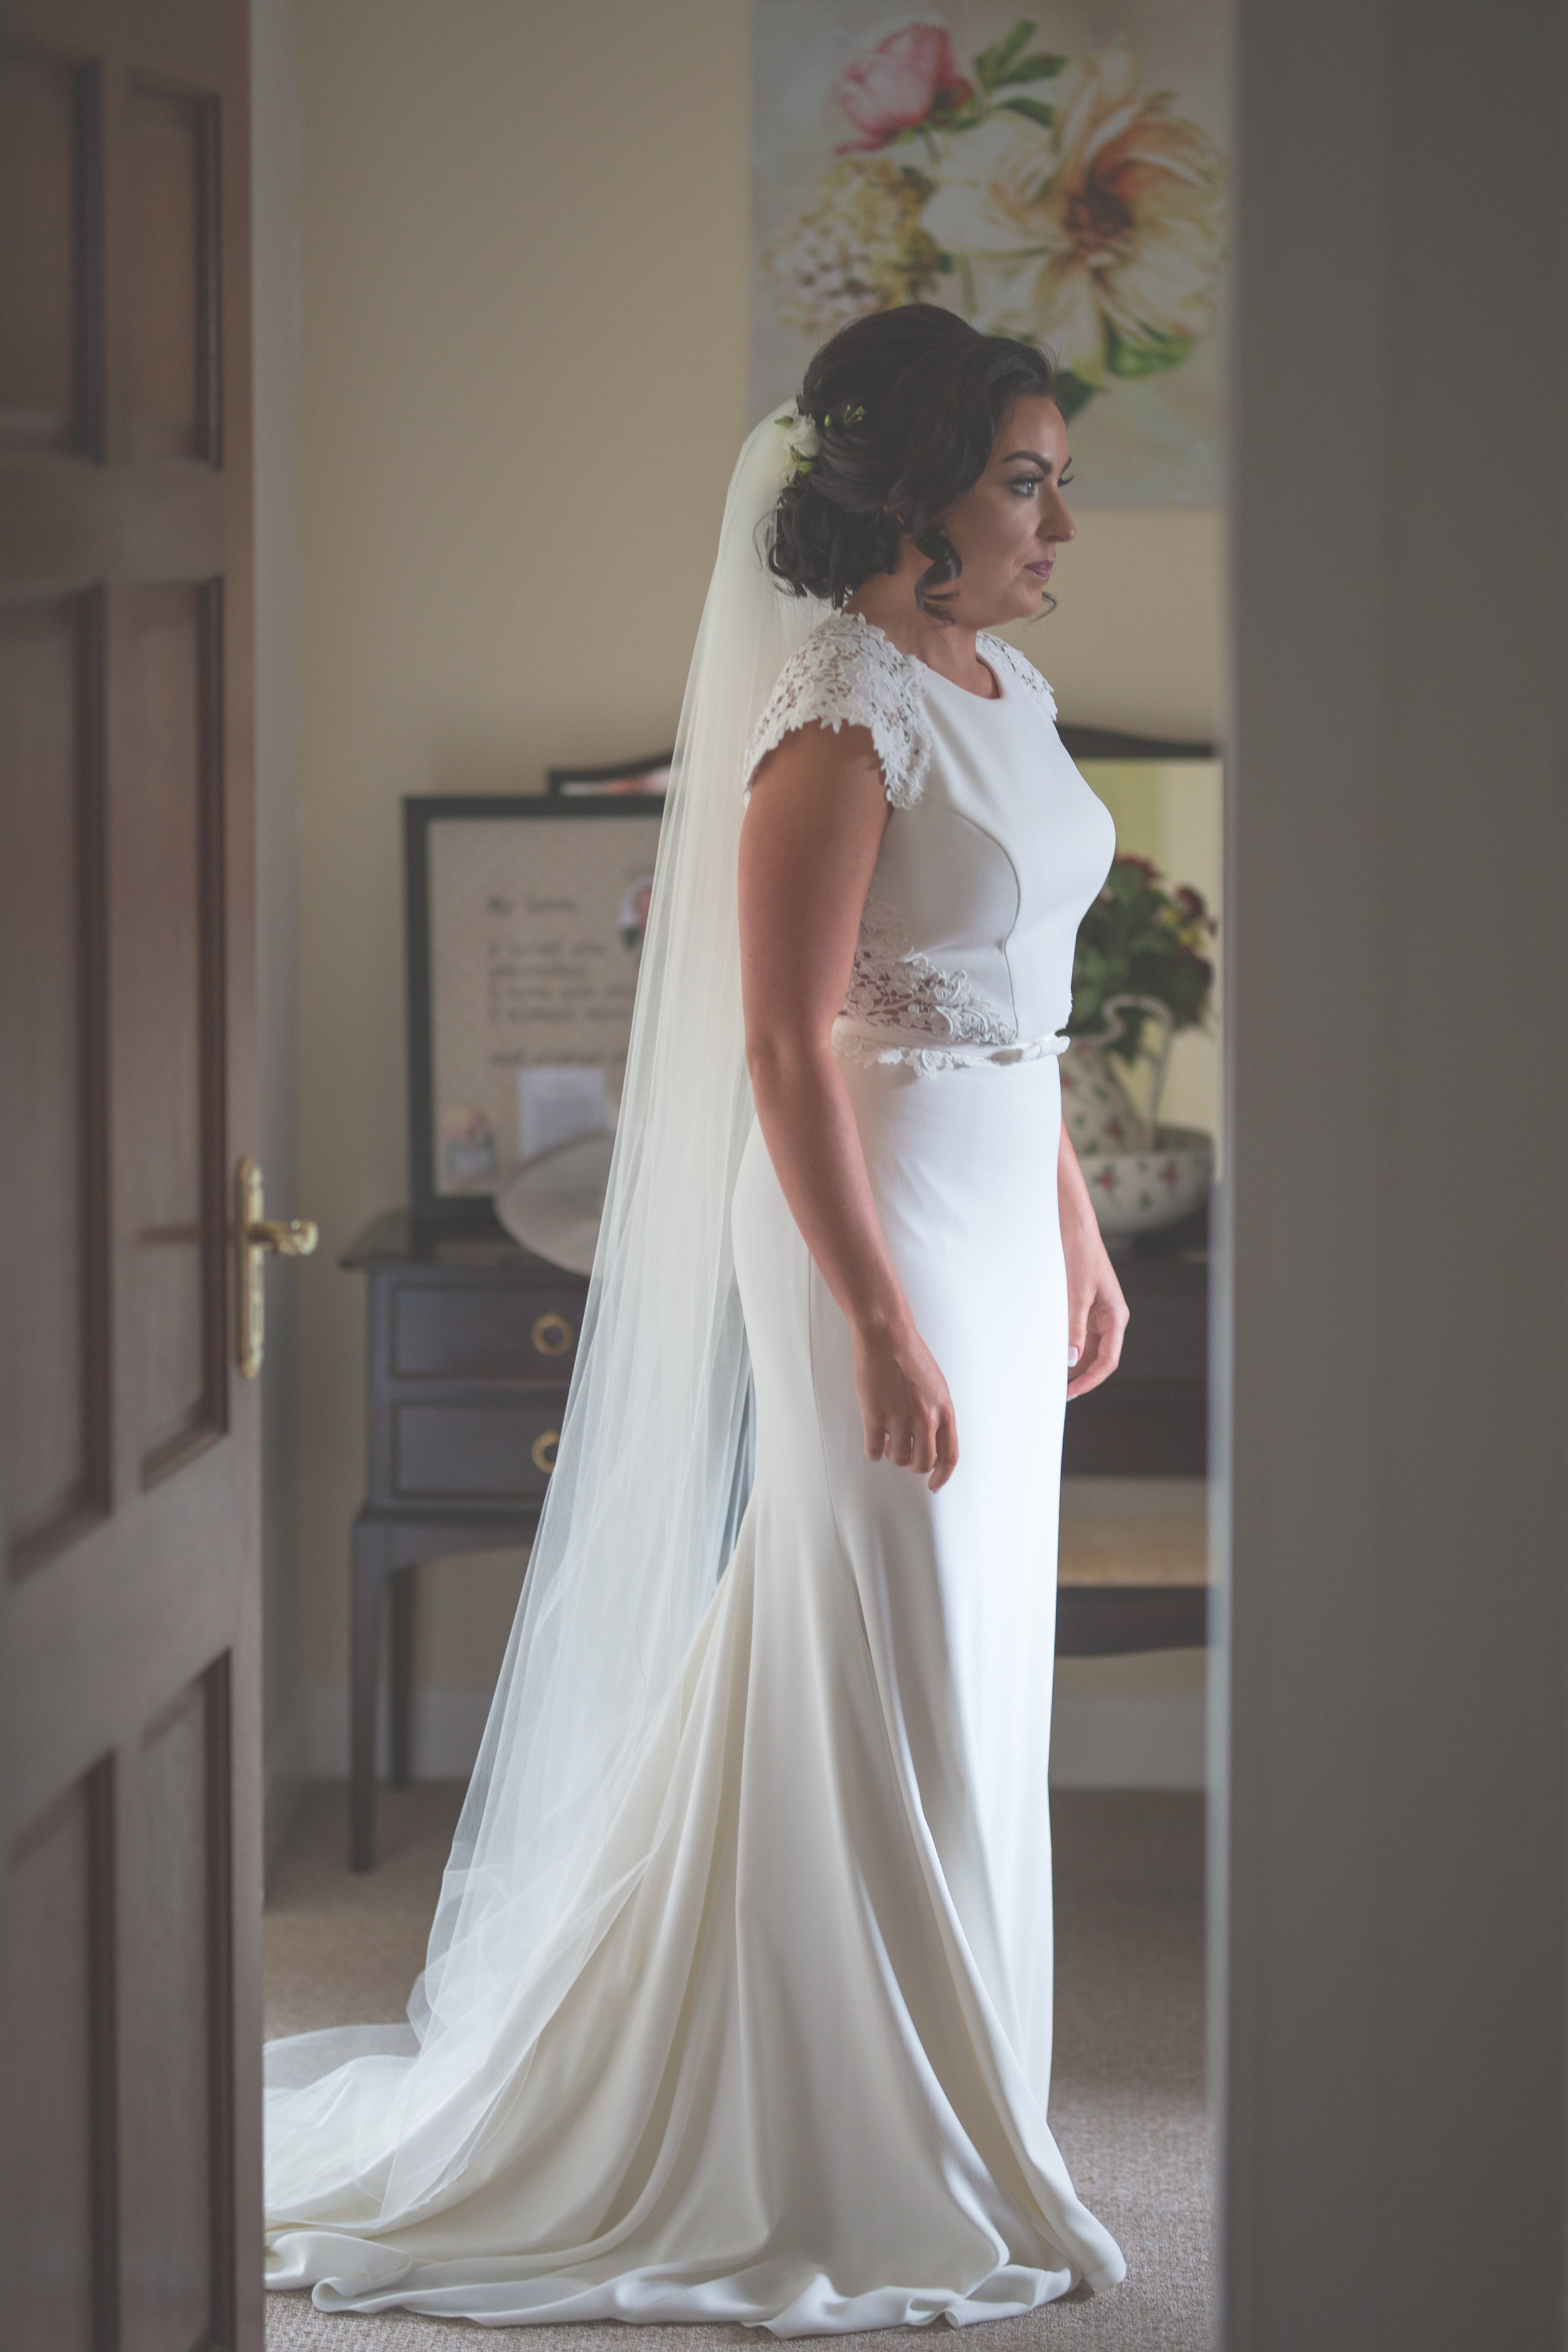 Brian McEwan Wedding Photography | Carol-Anne & Sean | Bridal Preparations-133.jpg